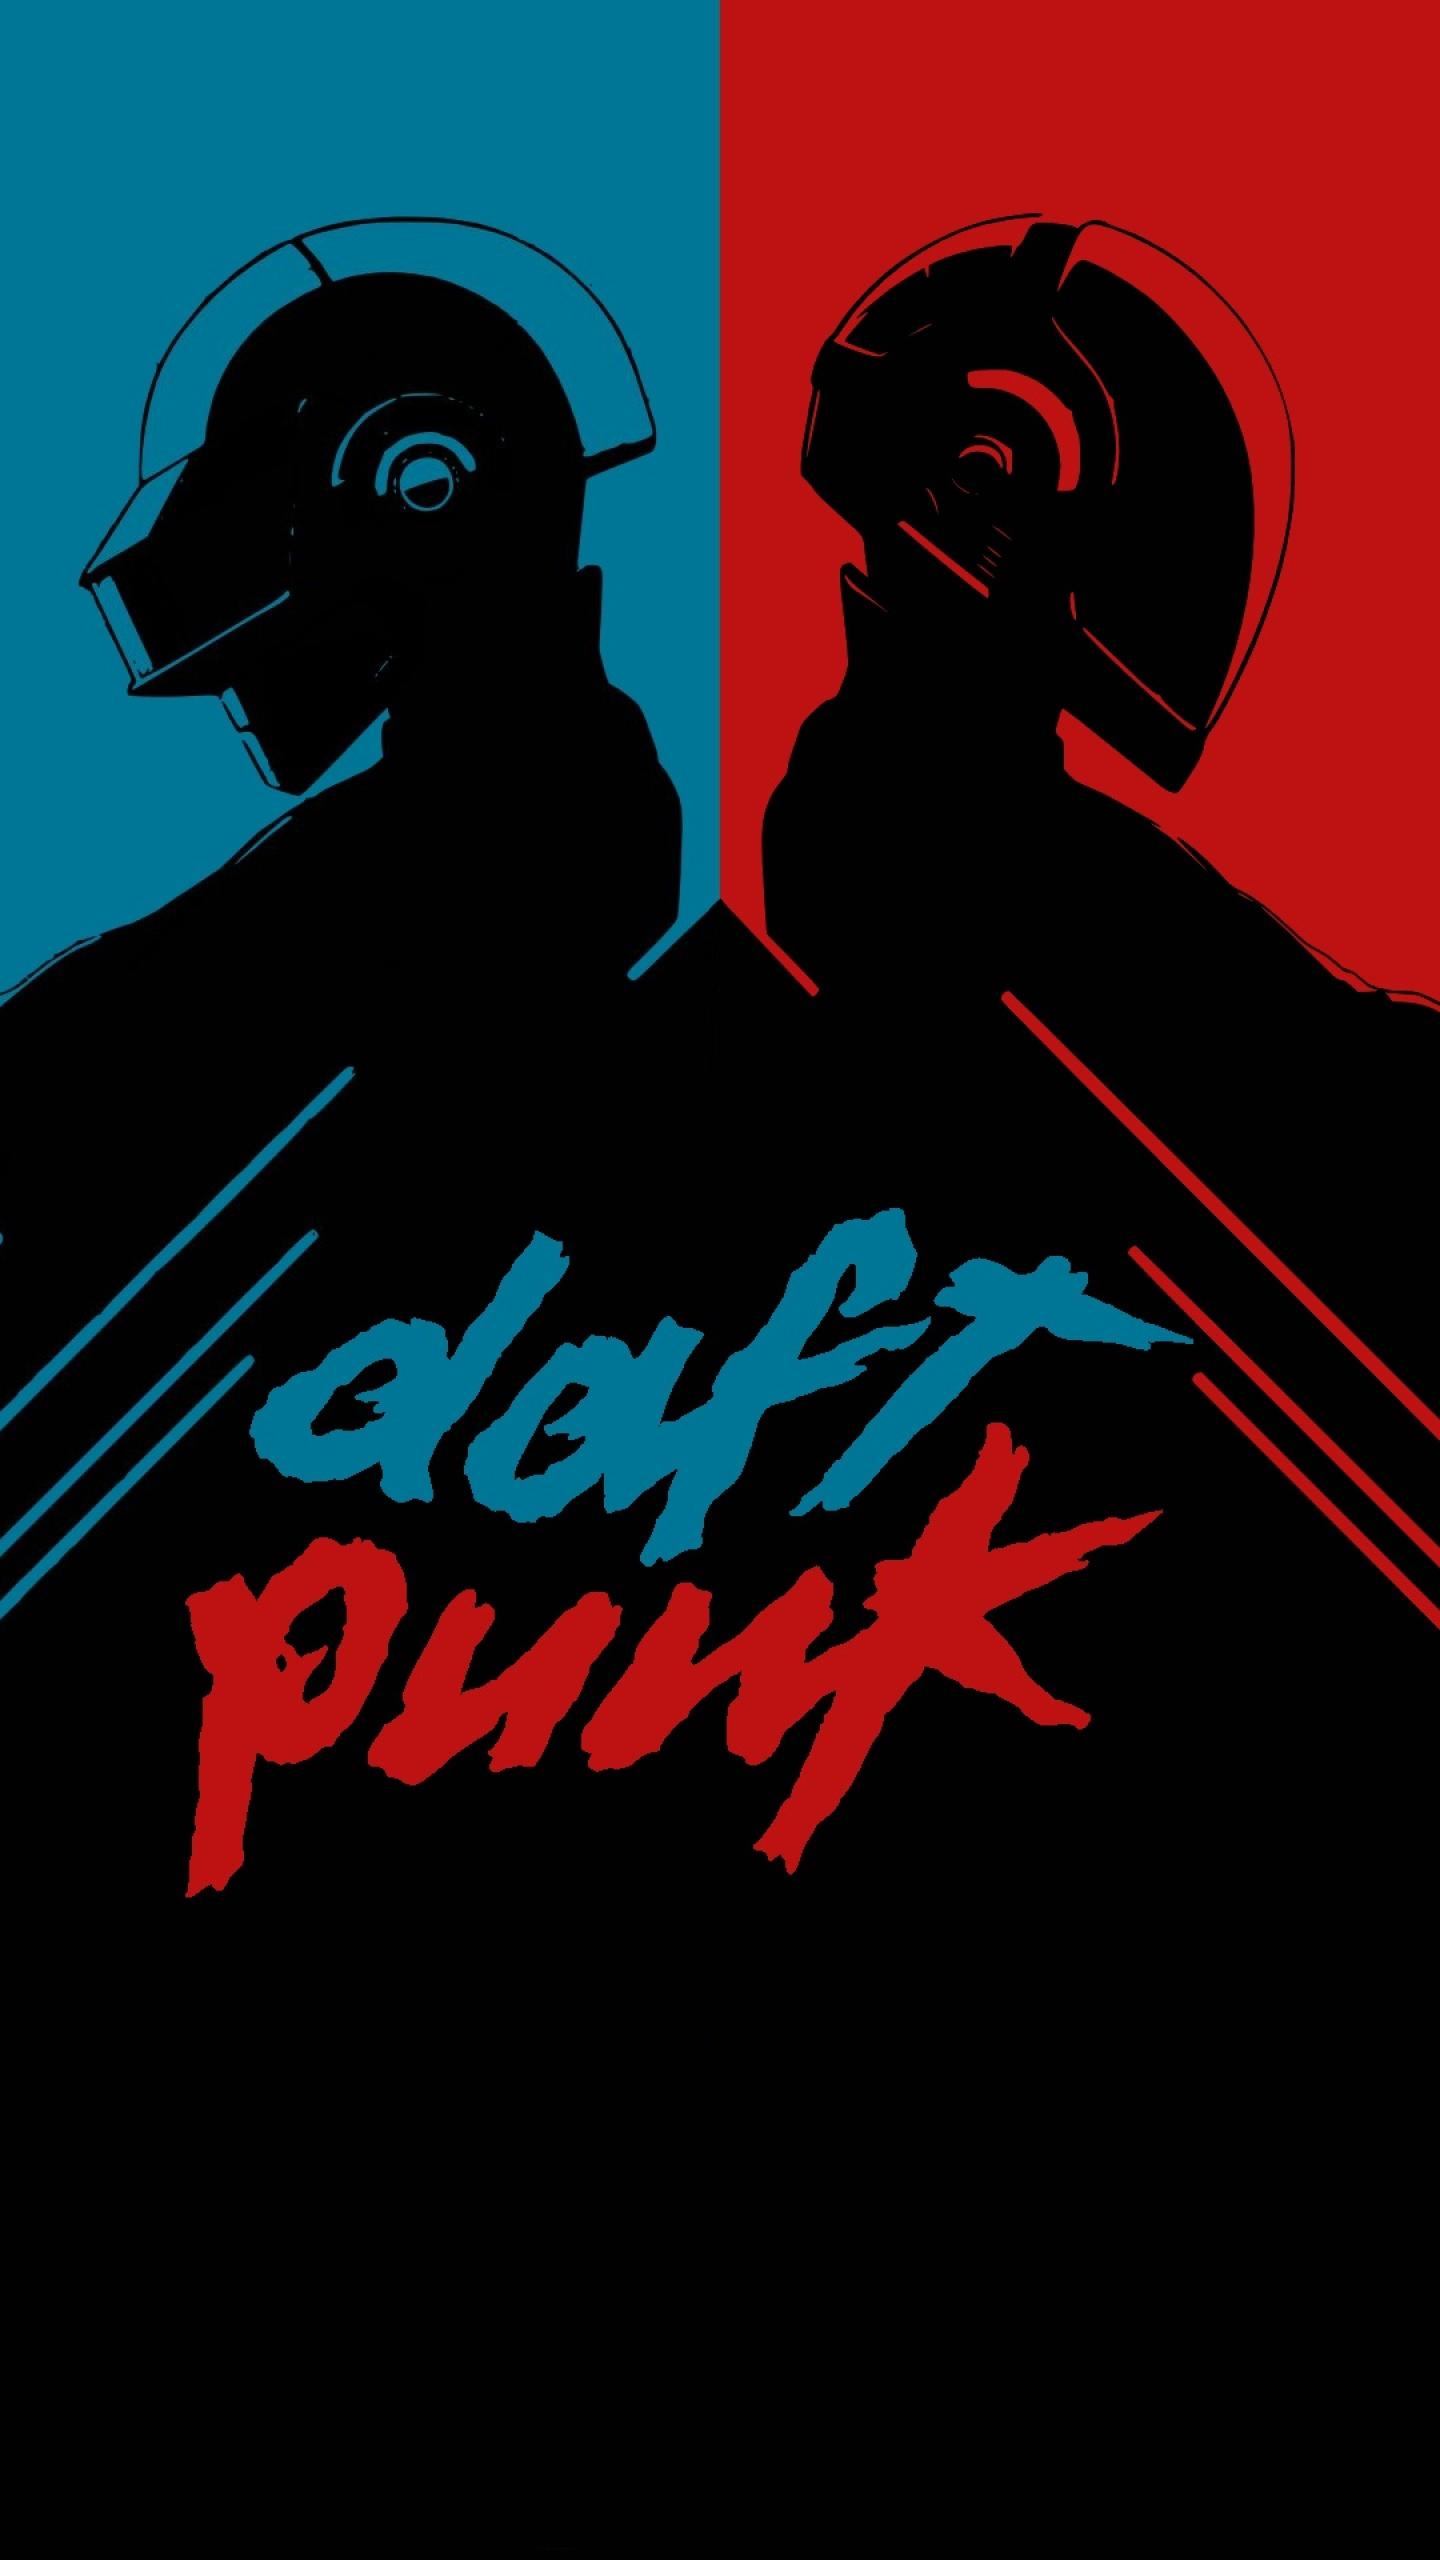 Daft Punk 4K Wallpaper, Electronic music duo, Music, #1928